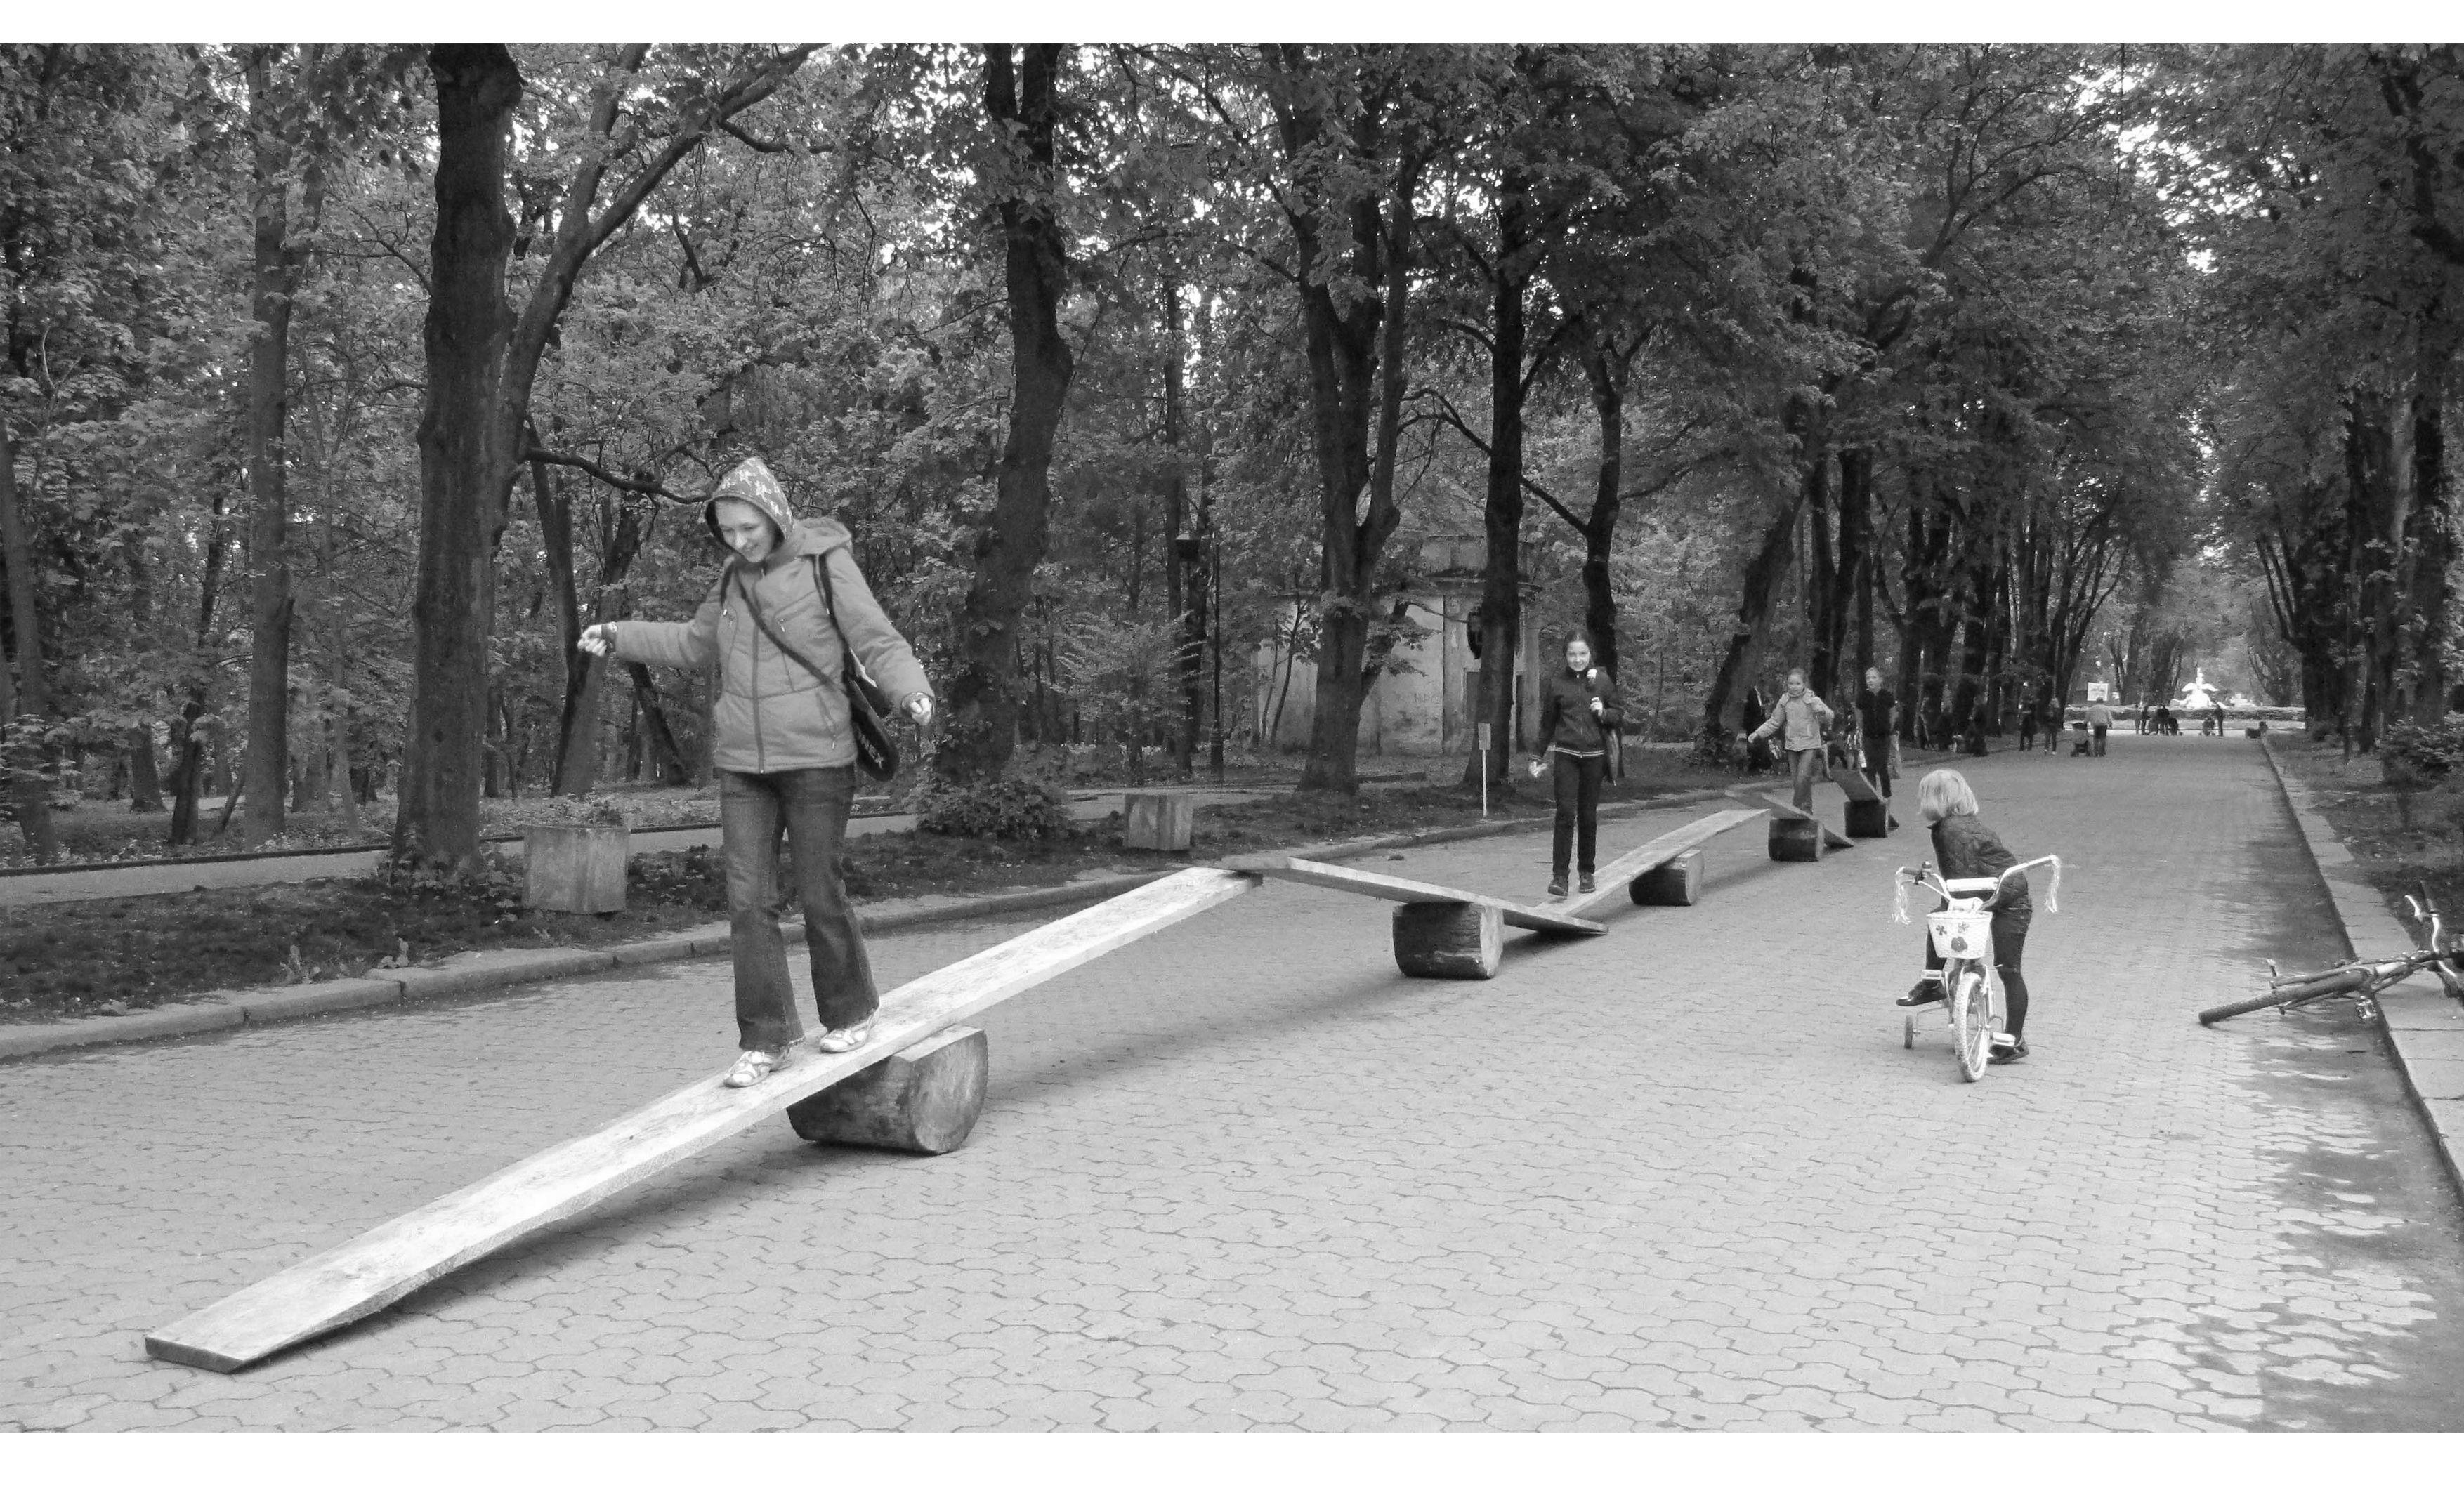 Анна Сидоренко. Артпроект Park.in до 130-річчя Стрийського парку, 2010